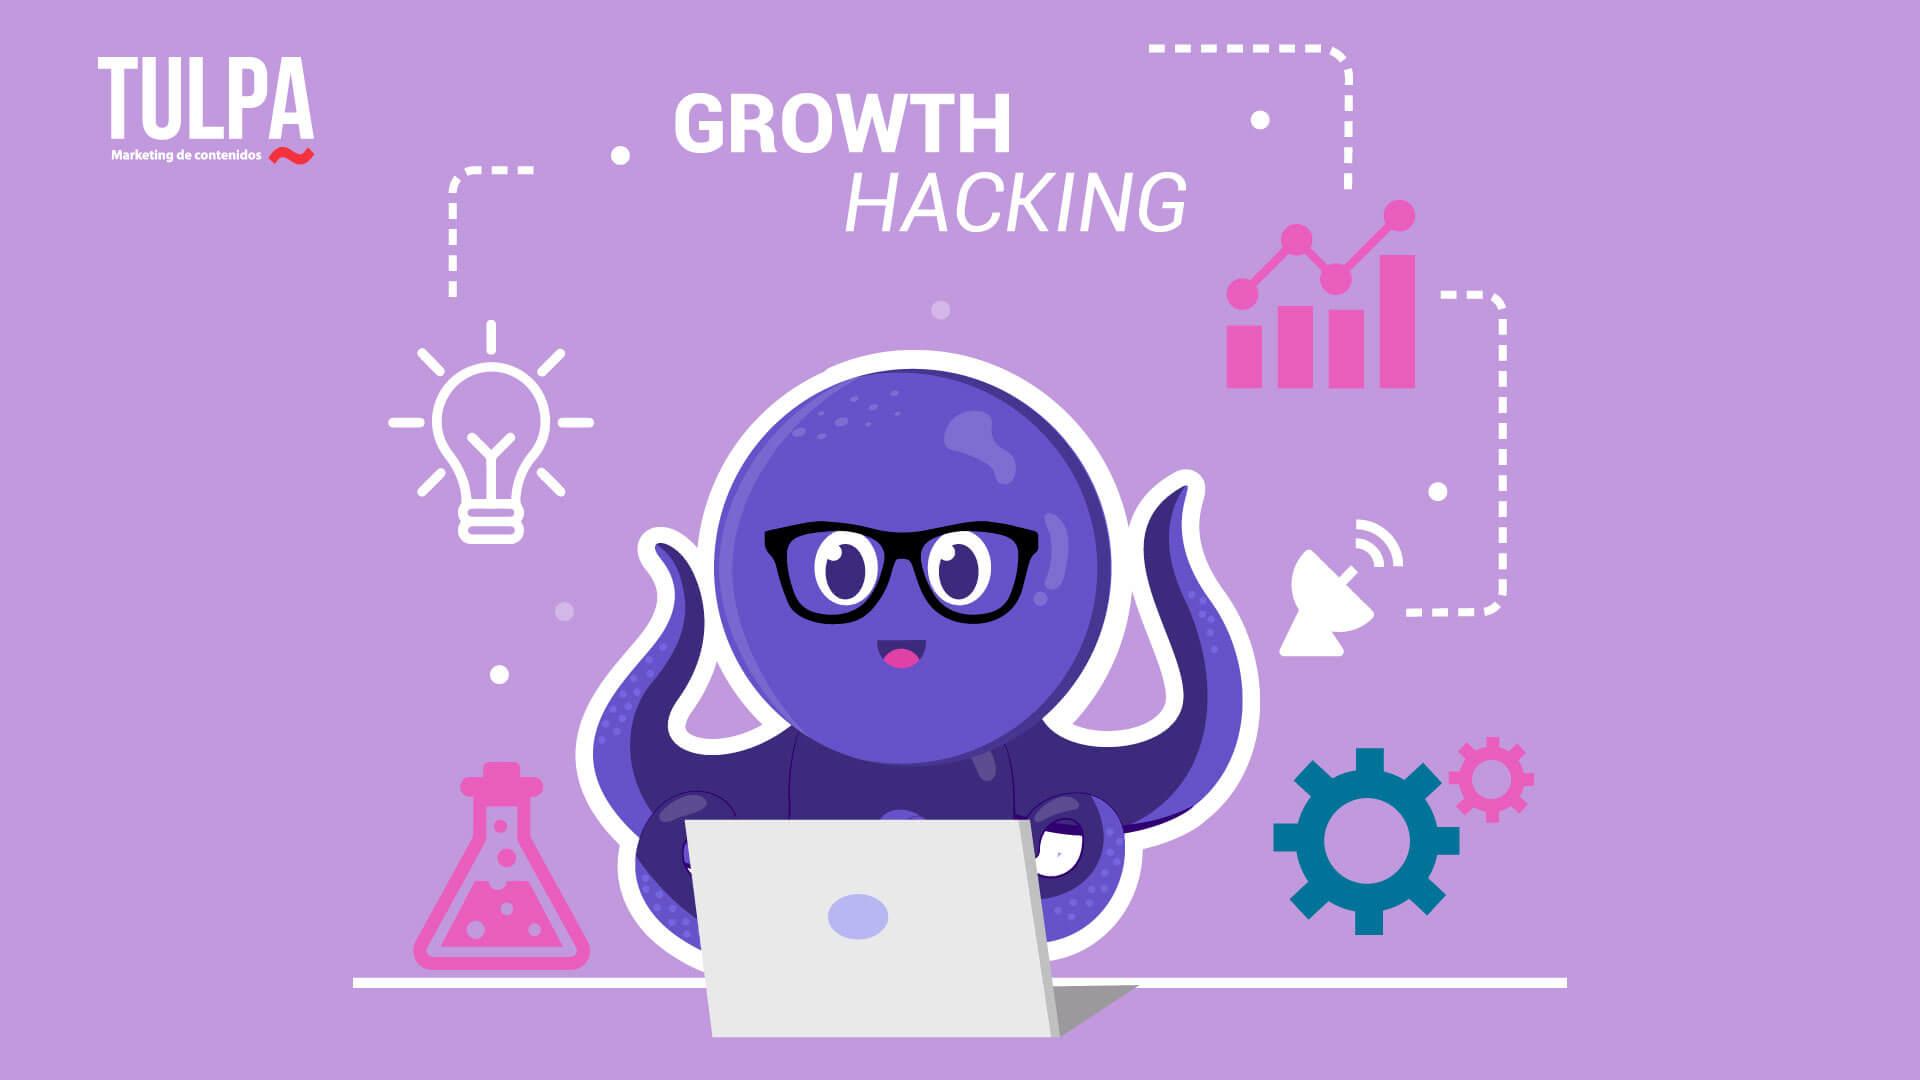 ¿Habías escuchado el término Growth Hacking?